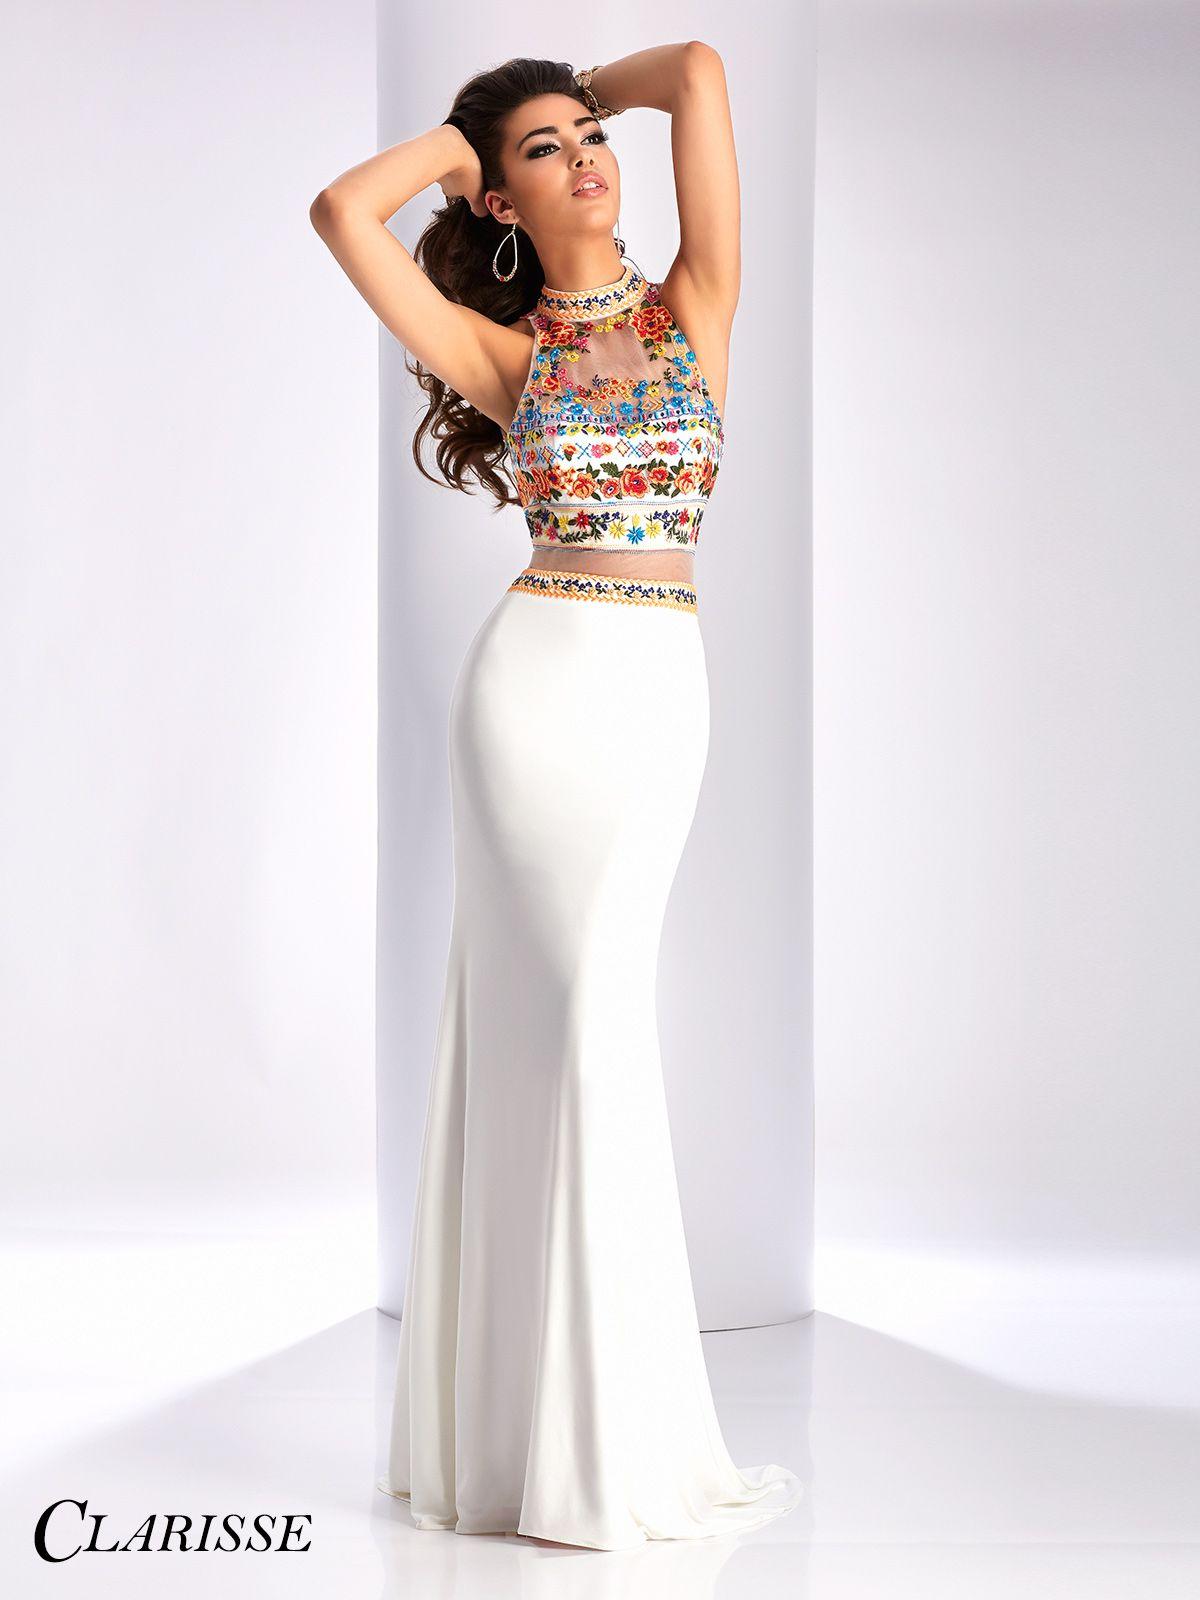 Clarisse Embroidered High Neck Prom Dress 3055   Schonen und Kleider